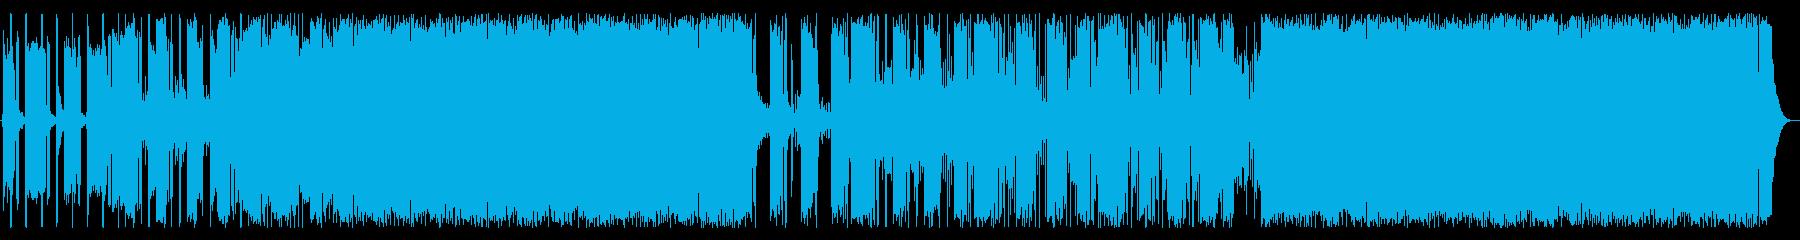 ジムで聞きたいハードロックの再生済みの波形